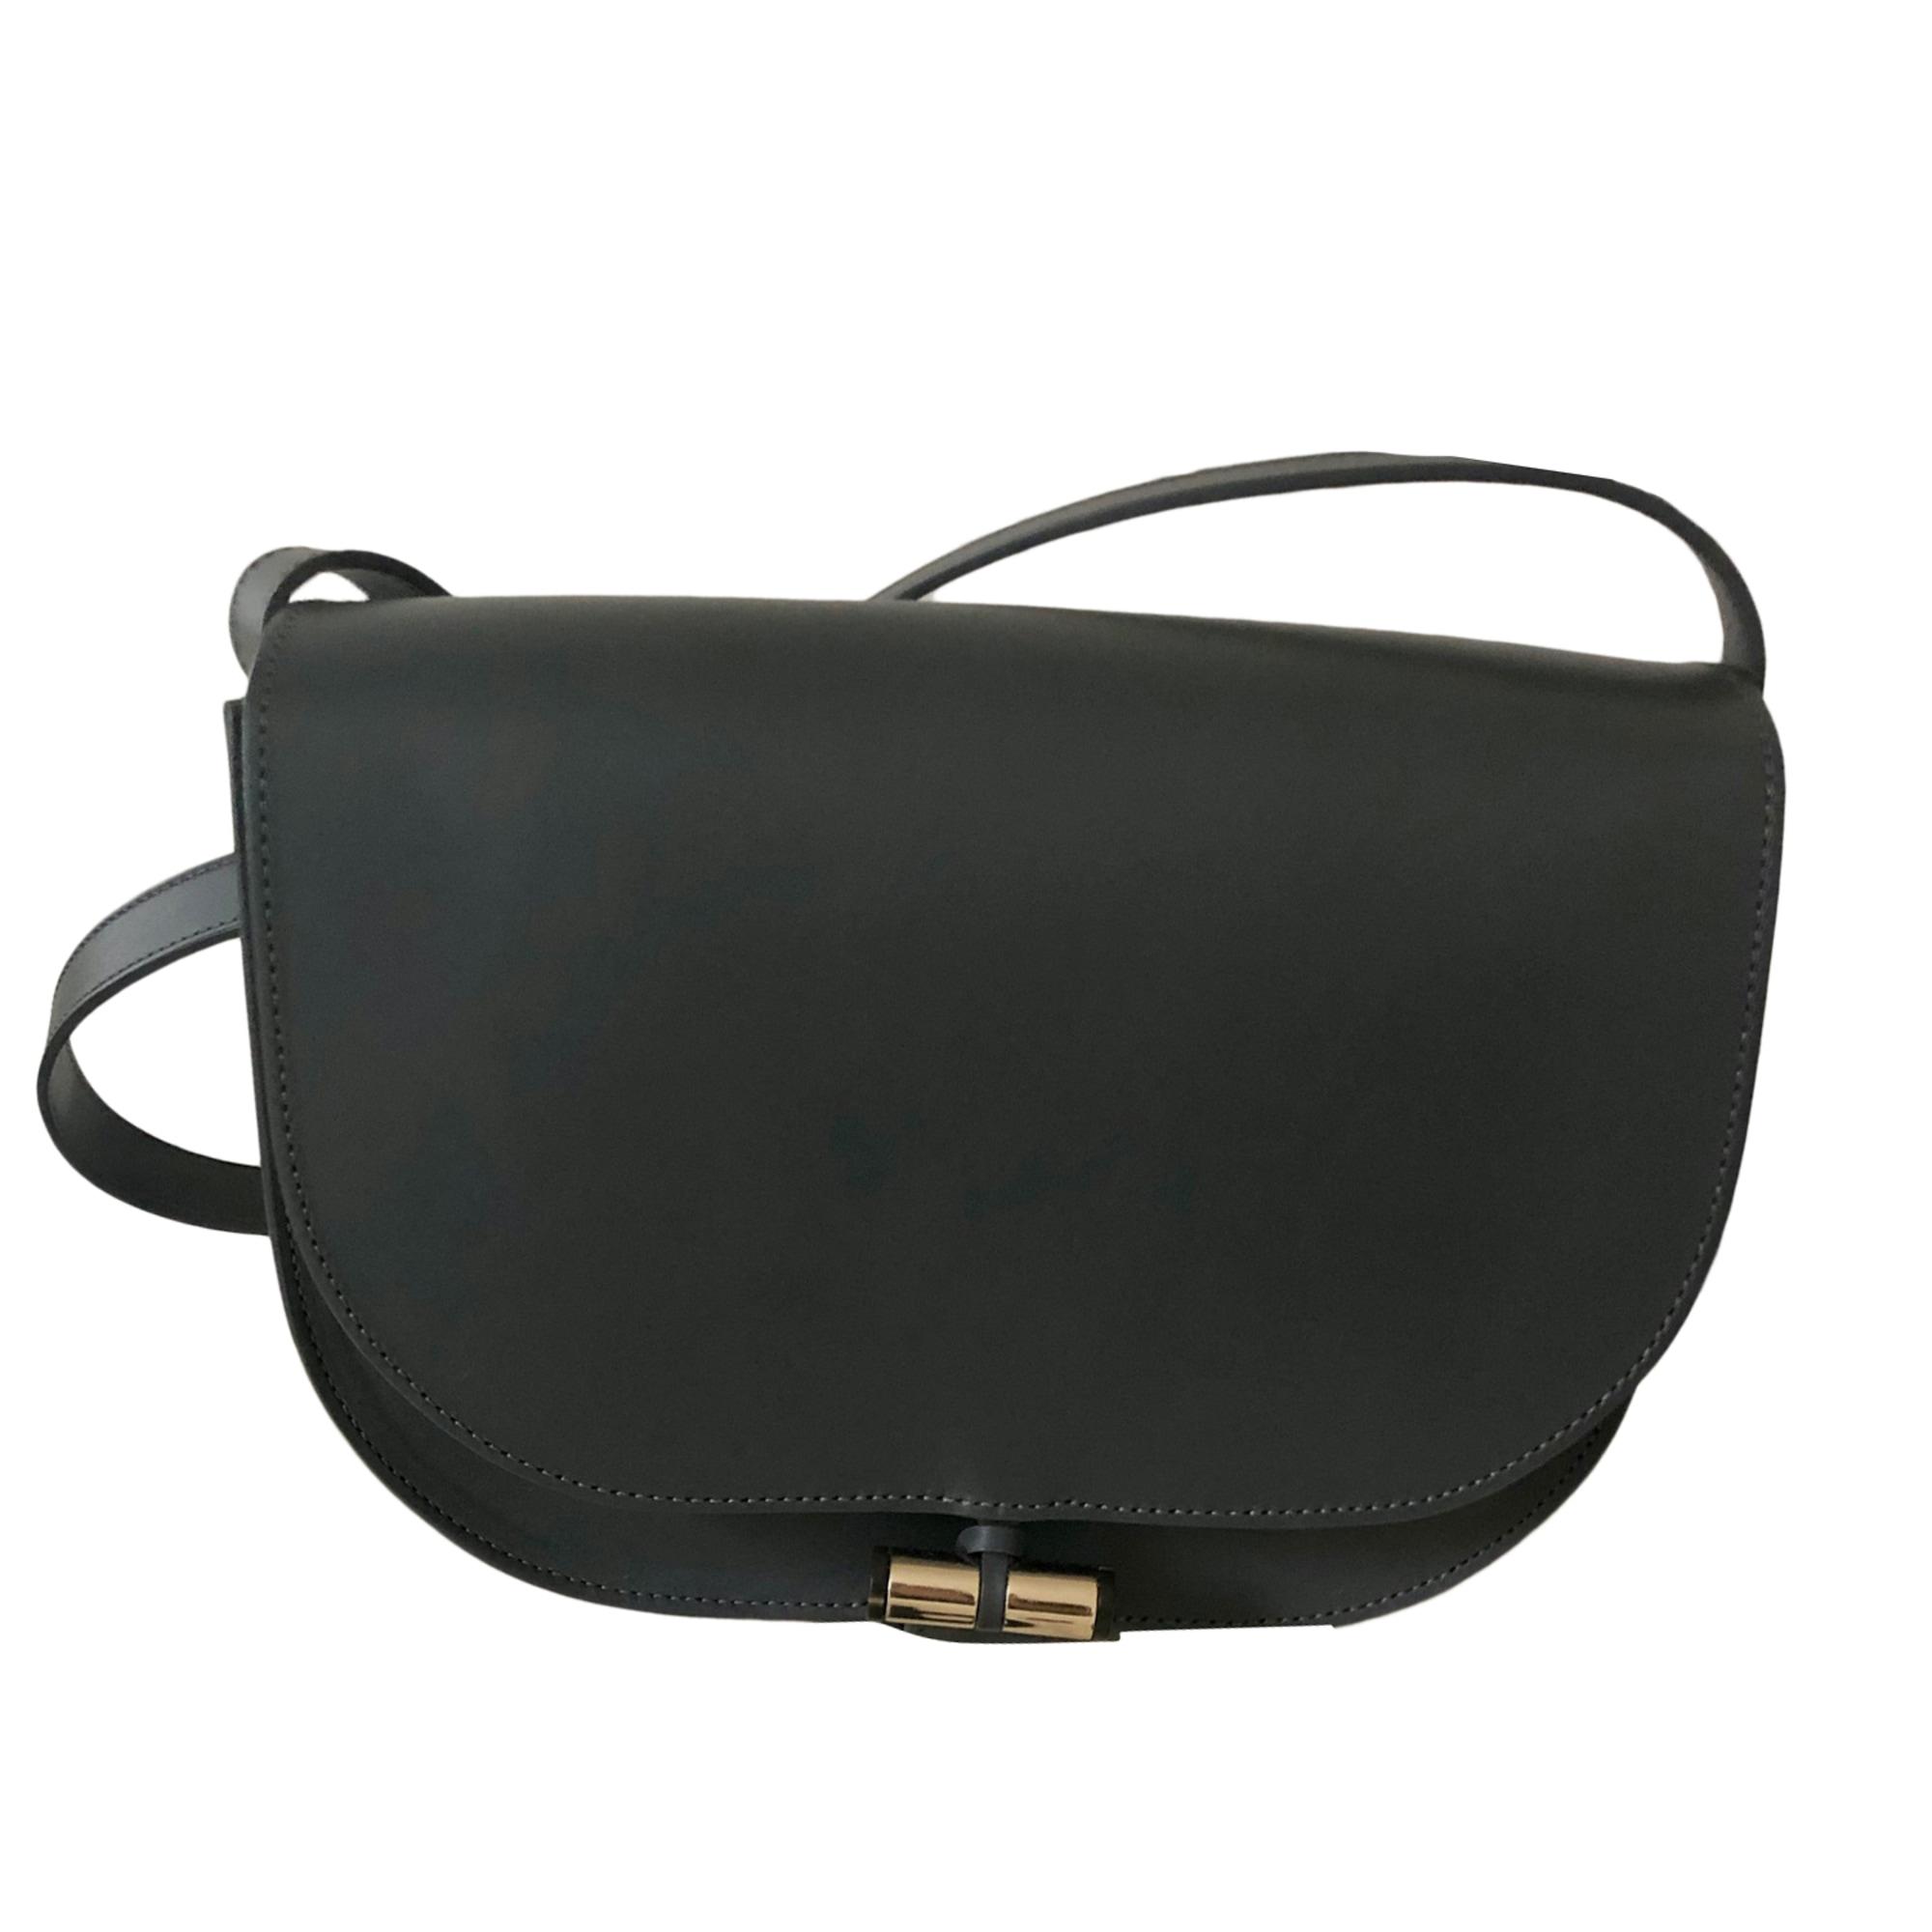 Leather Handbag A.P.C. Gray, charcoal